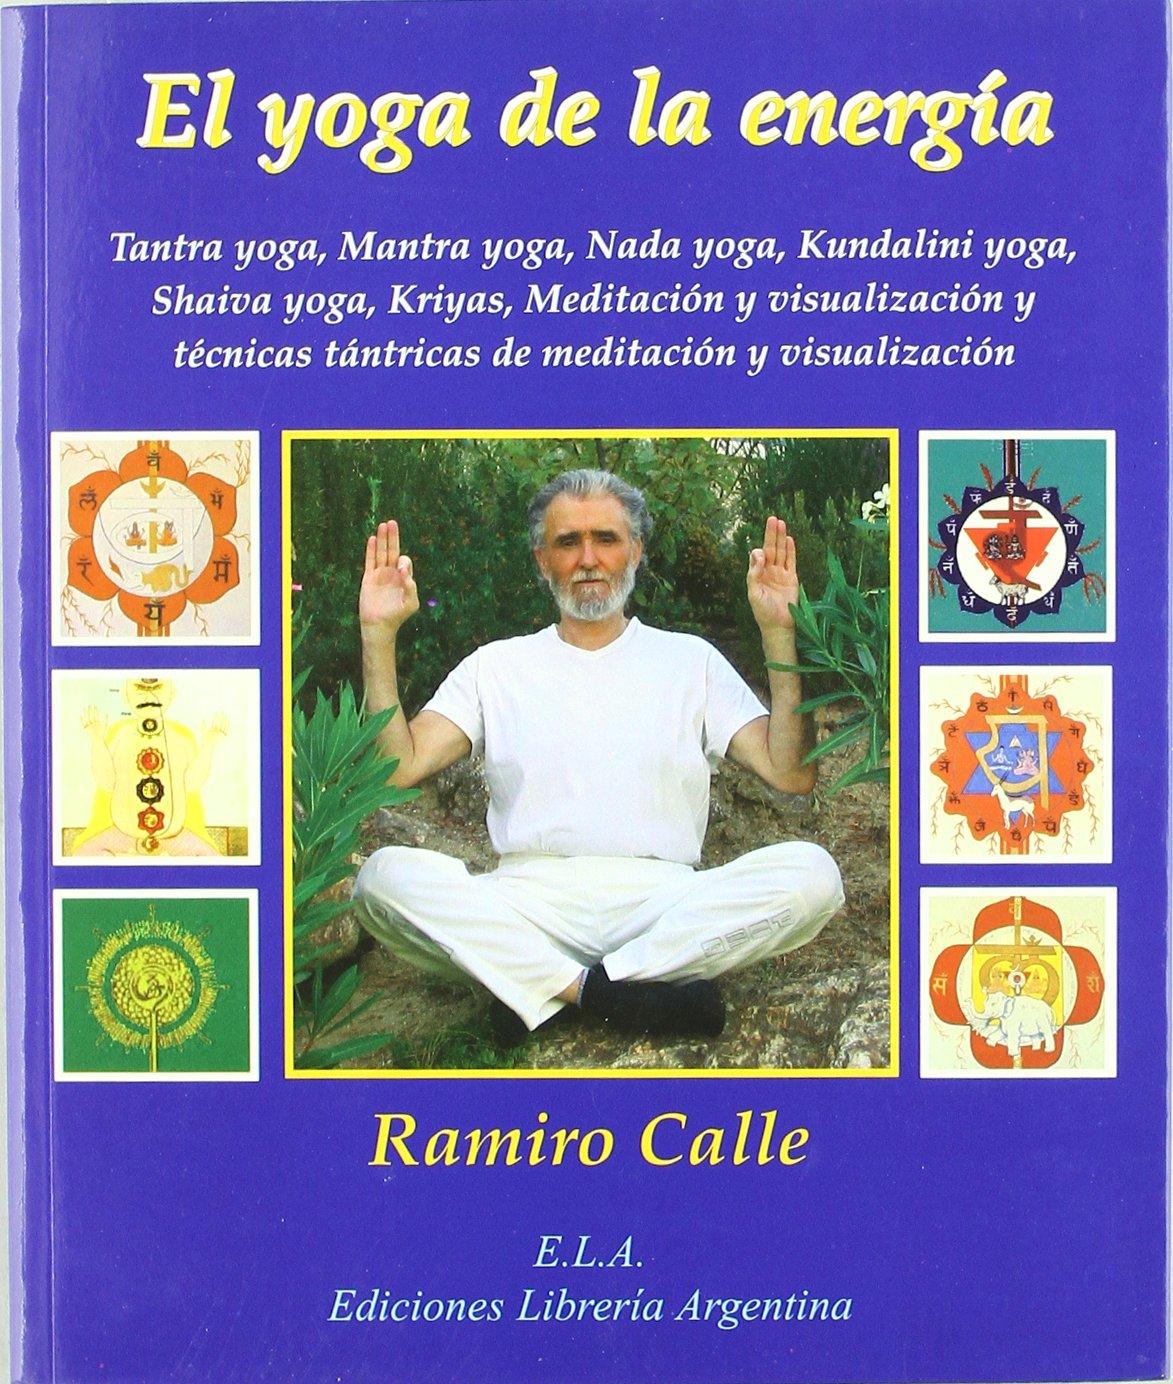 El yoga de la energía : tantra yoga, mantra yoga, nada yoga ...